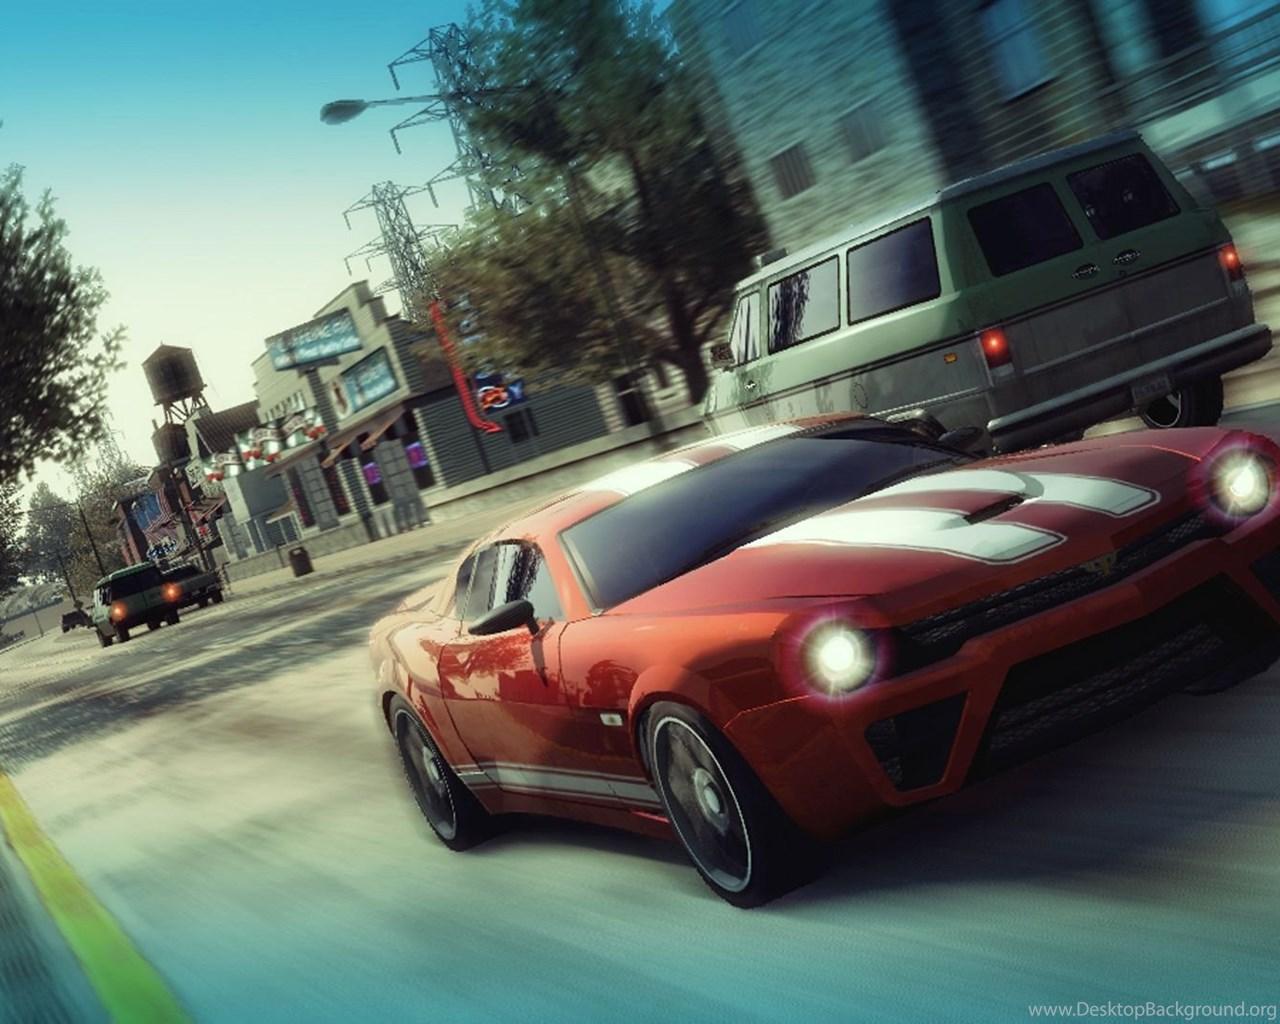 Burnout Paradise Cars Wallpapers 141765 Desktop Background